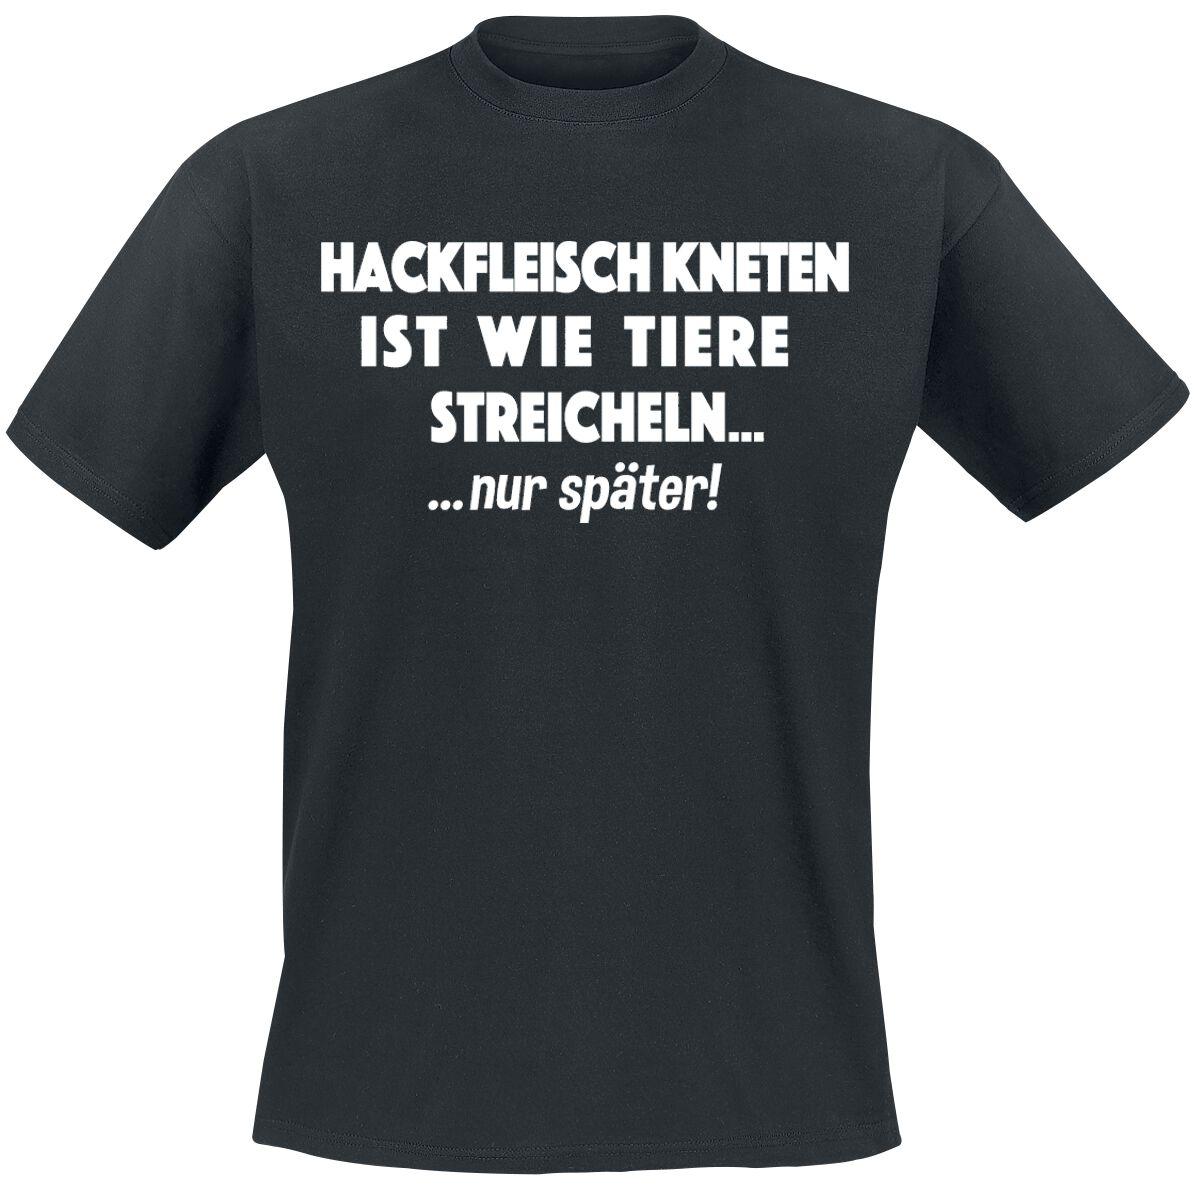 Hackfleisch kneten T-Shirt schwarz T2279 - #B&C #E150